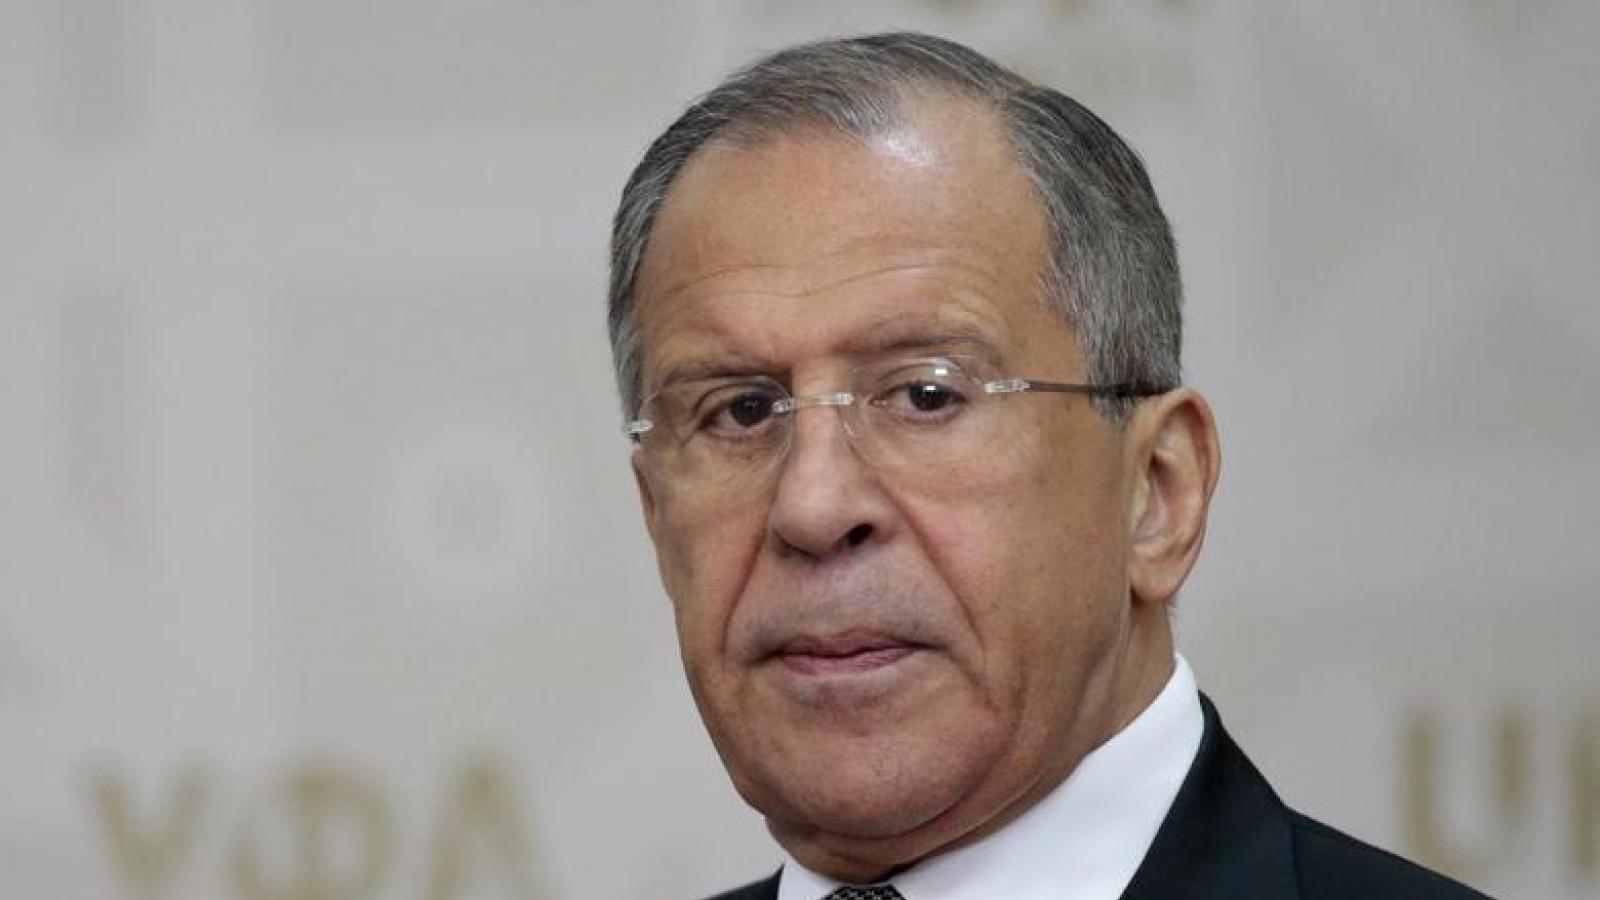 Ngoại trưởng Nga: Triều Tiên chưa có động thái gây leo thang căng thẳng